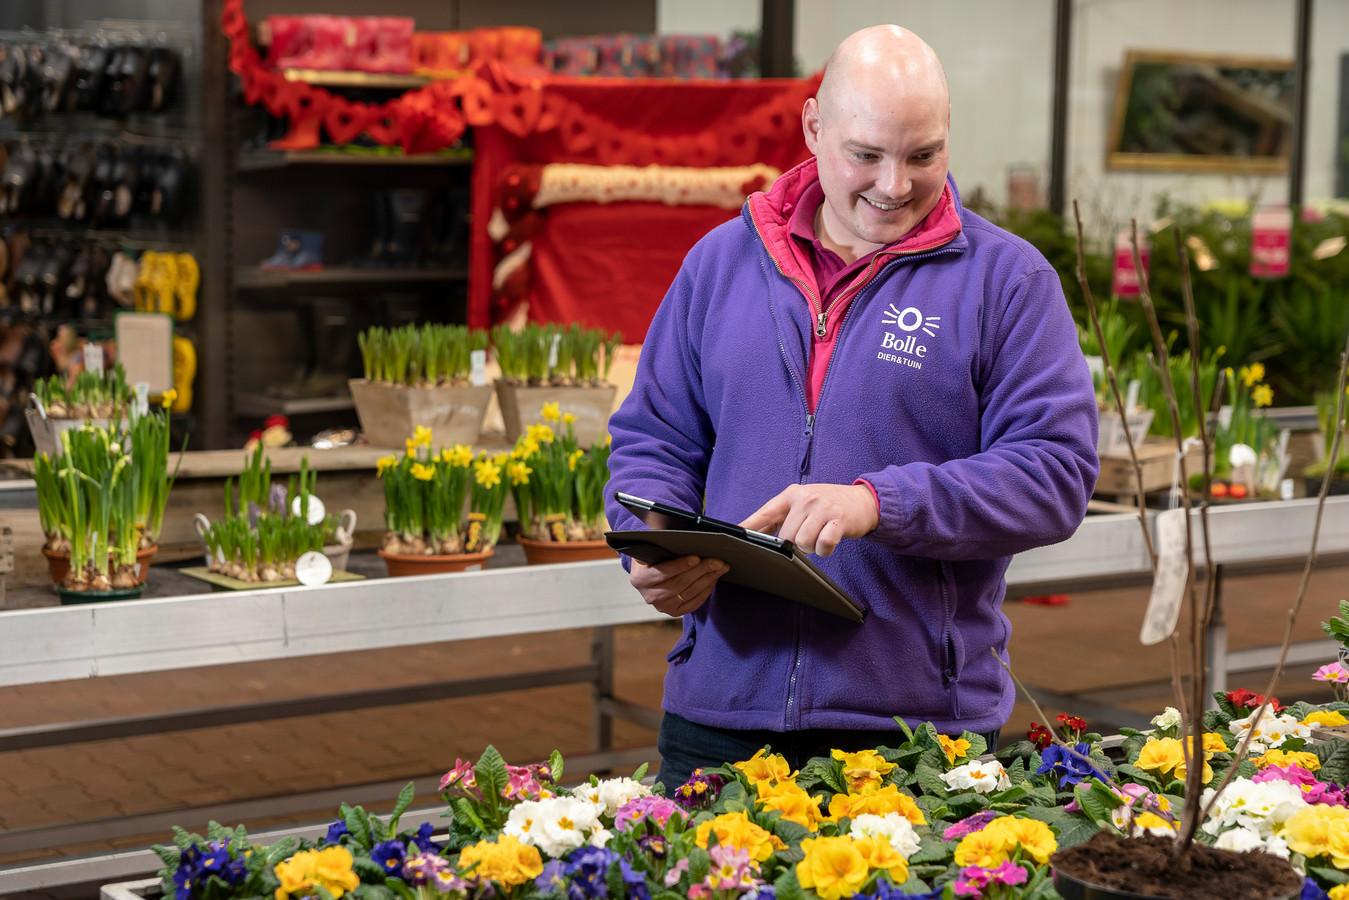 Frank de Bruine loopt de voorraad planten na en bestelt nieuwe via de tablet.